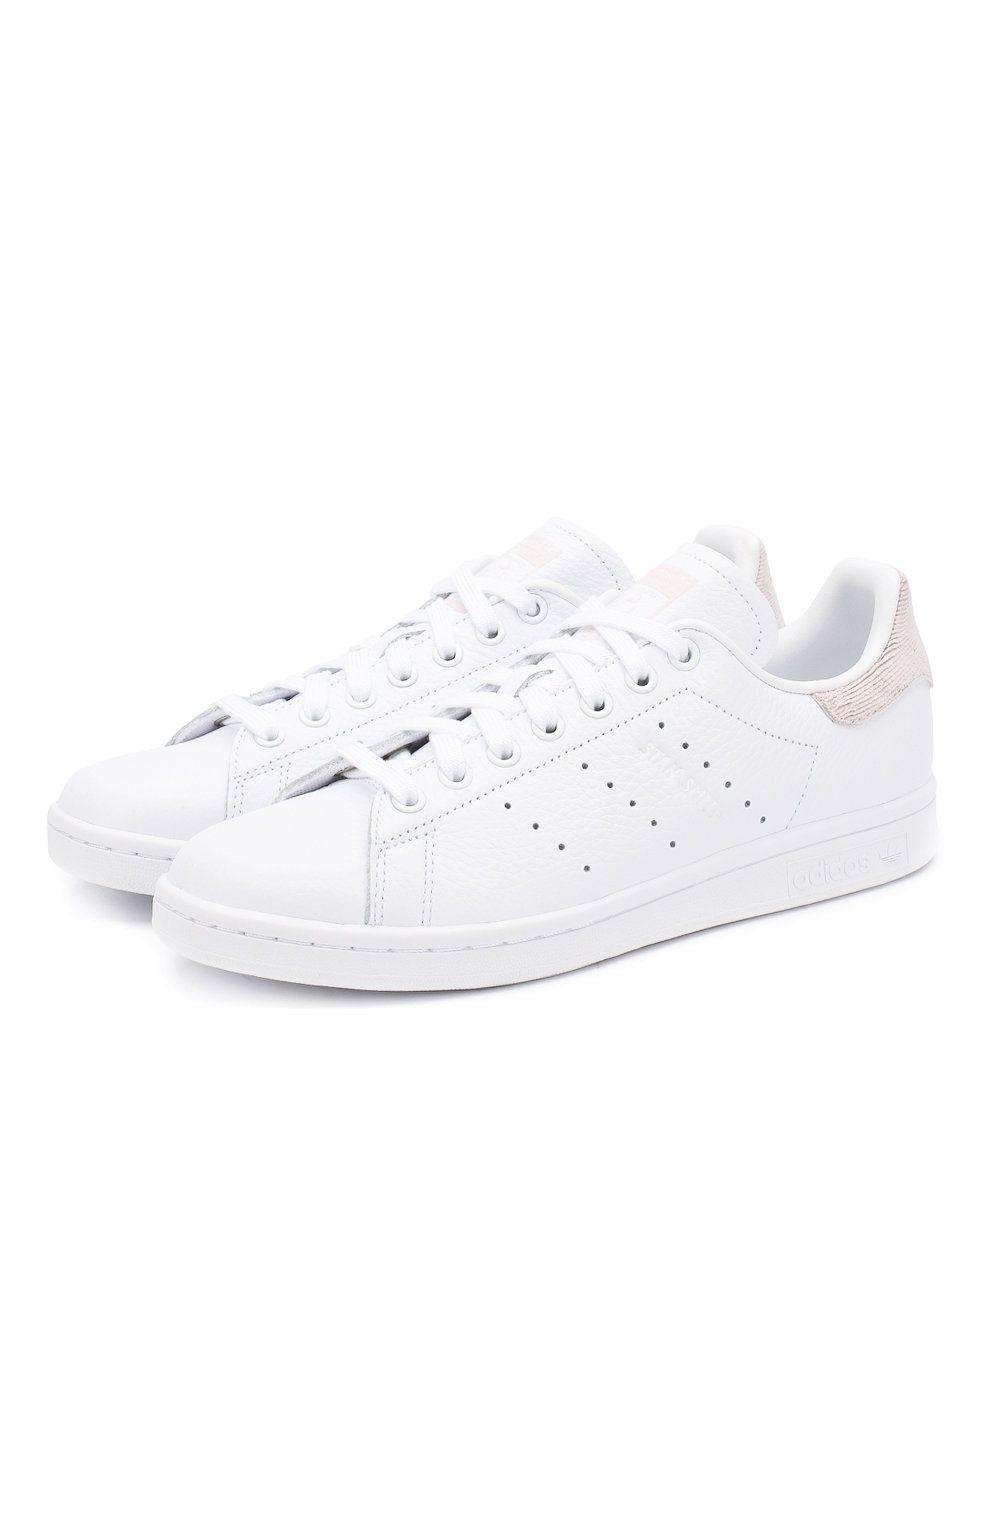 105ca313 Женские белые кожаные кеды stan smith на шнуровке ADIDAS ORIGINALS — купить  за 6400 руб. в интернет-магазине ЦУМ, арт. B41625